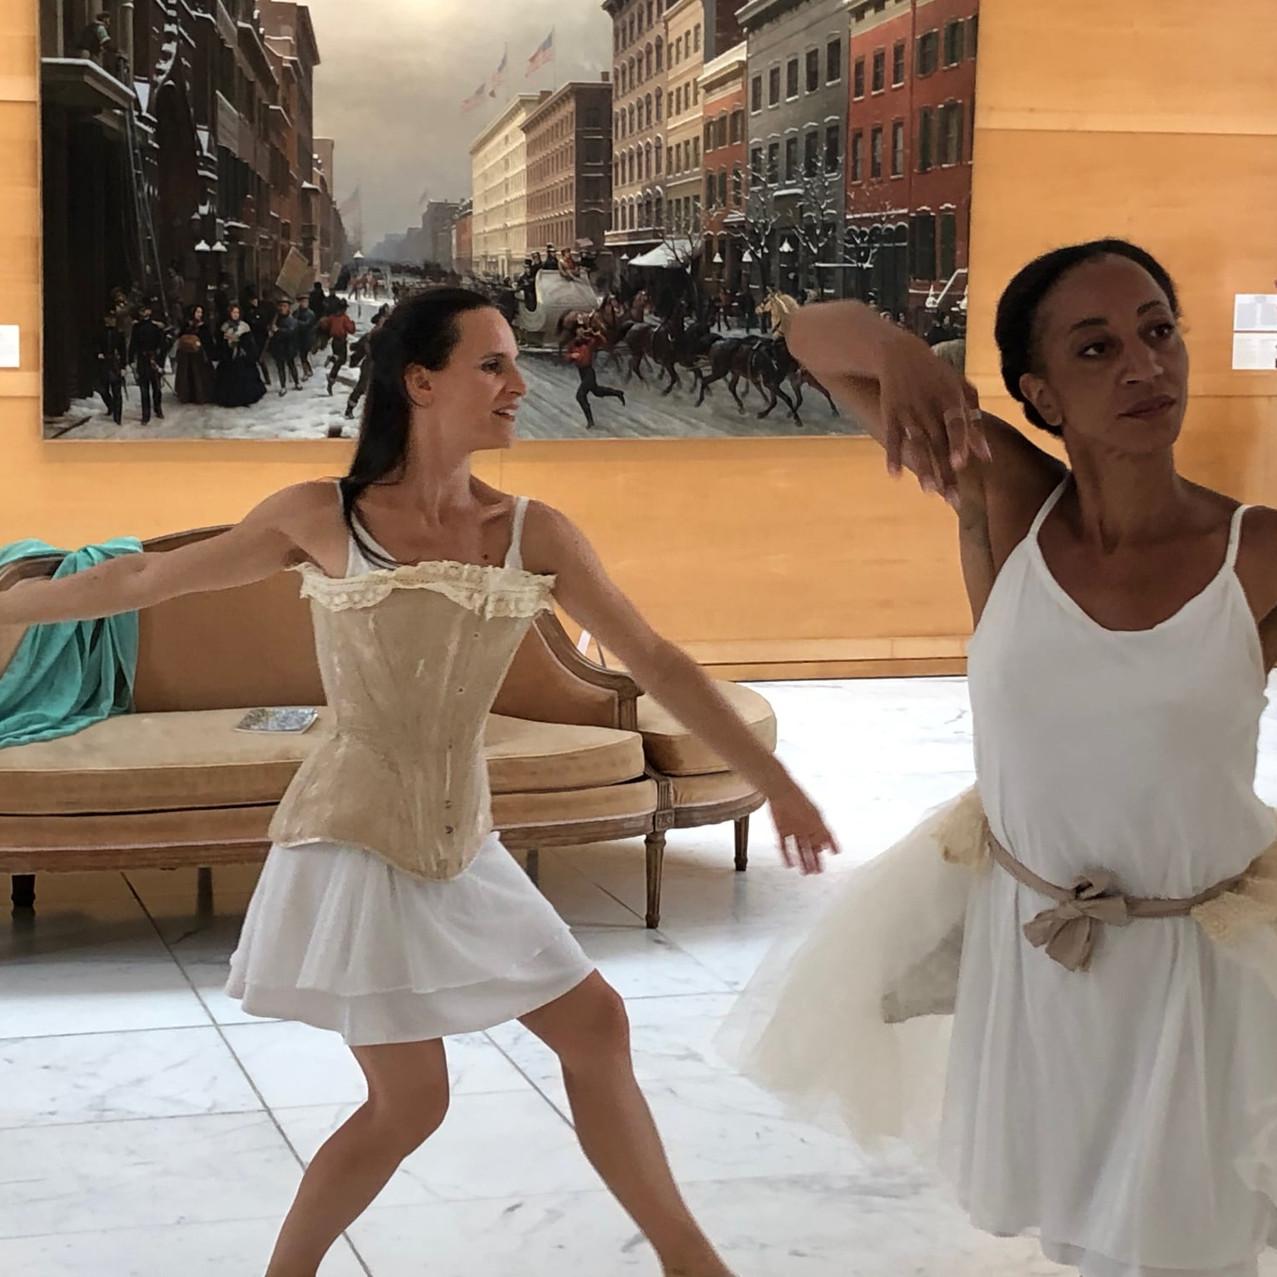 les danseuses rejetant les carcans et da